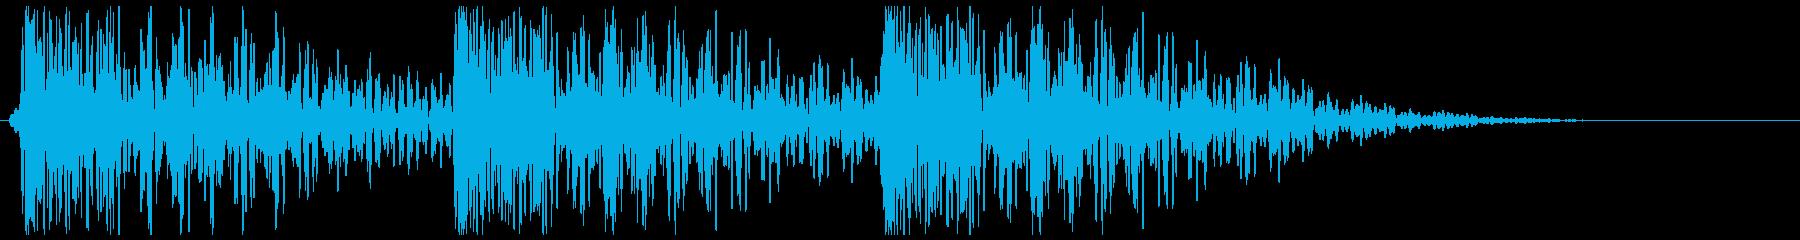 太鼓 叩く(ゆっくりめ三連打)ドンッ×3の再生済みの波形